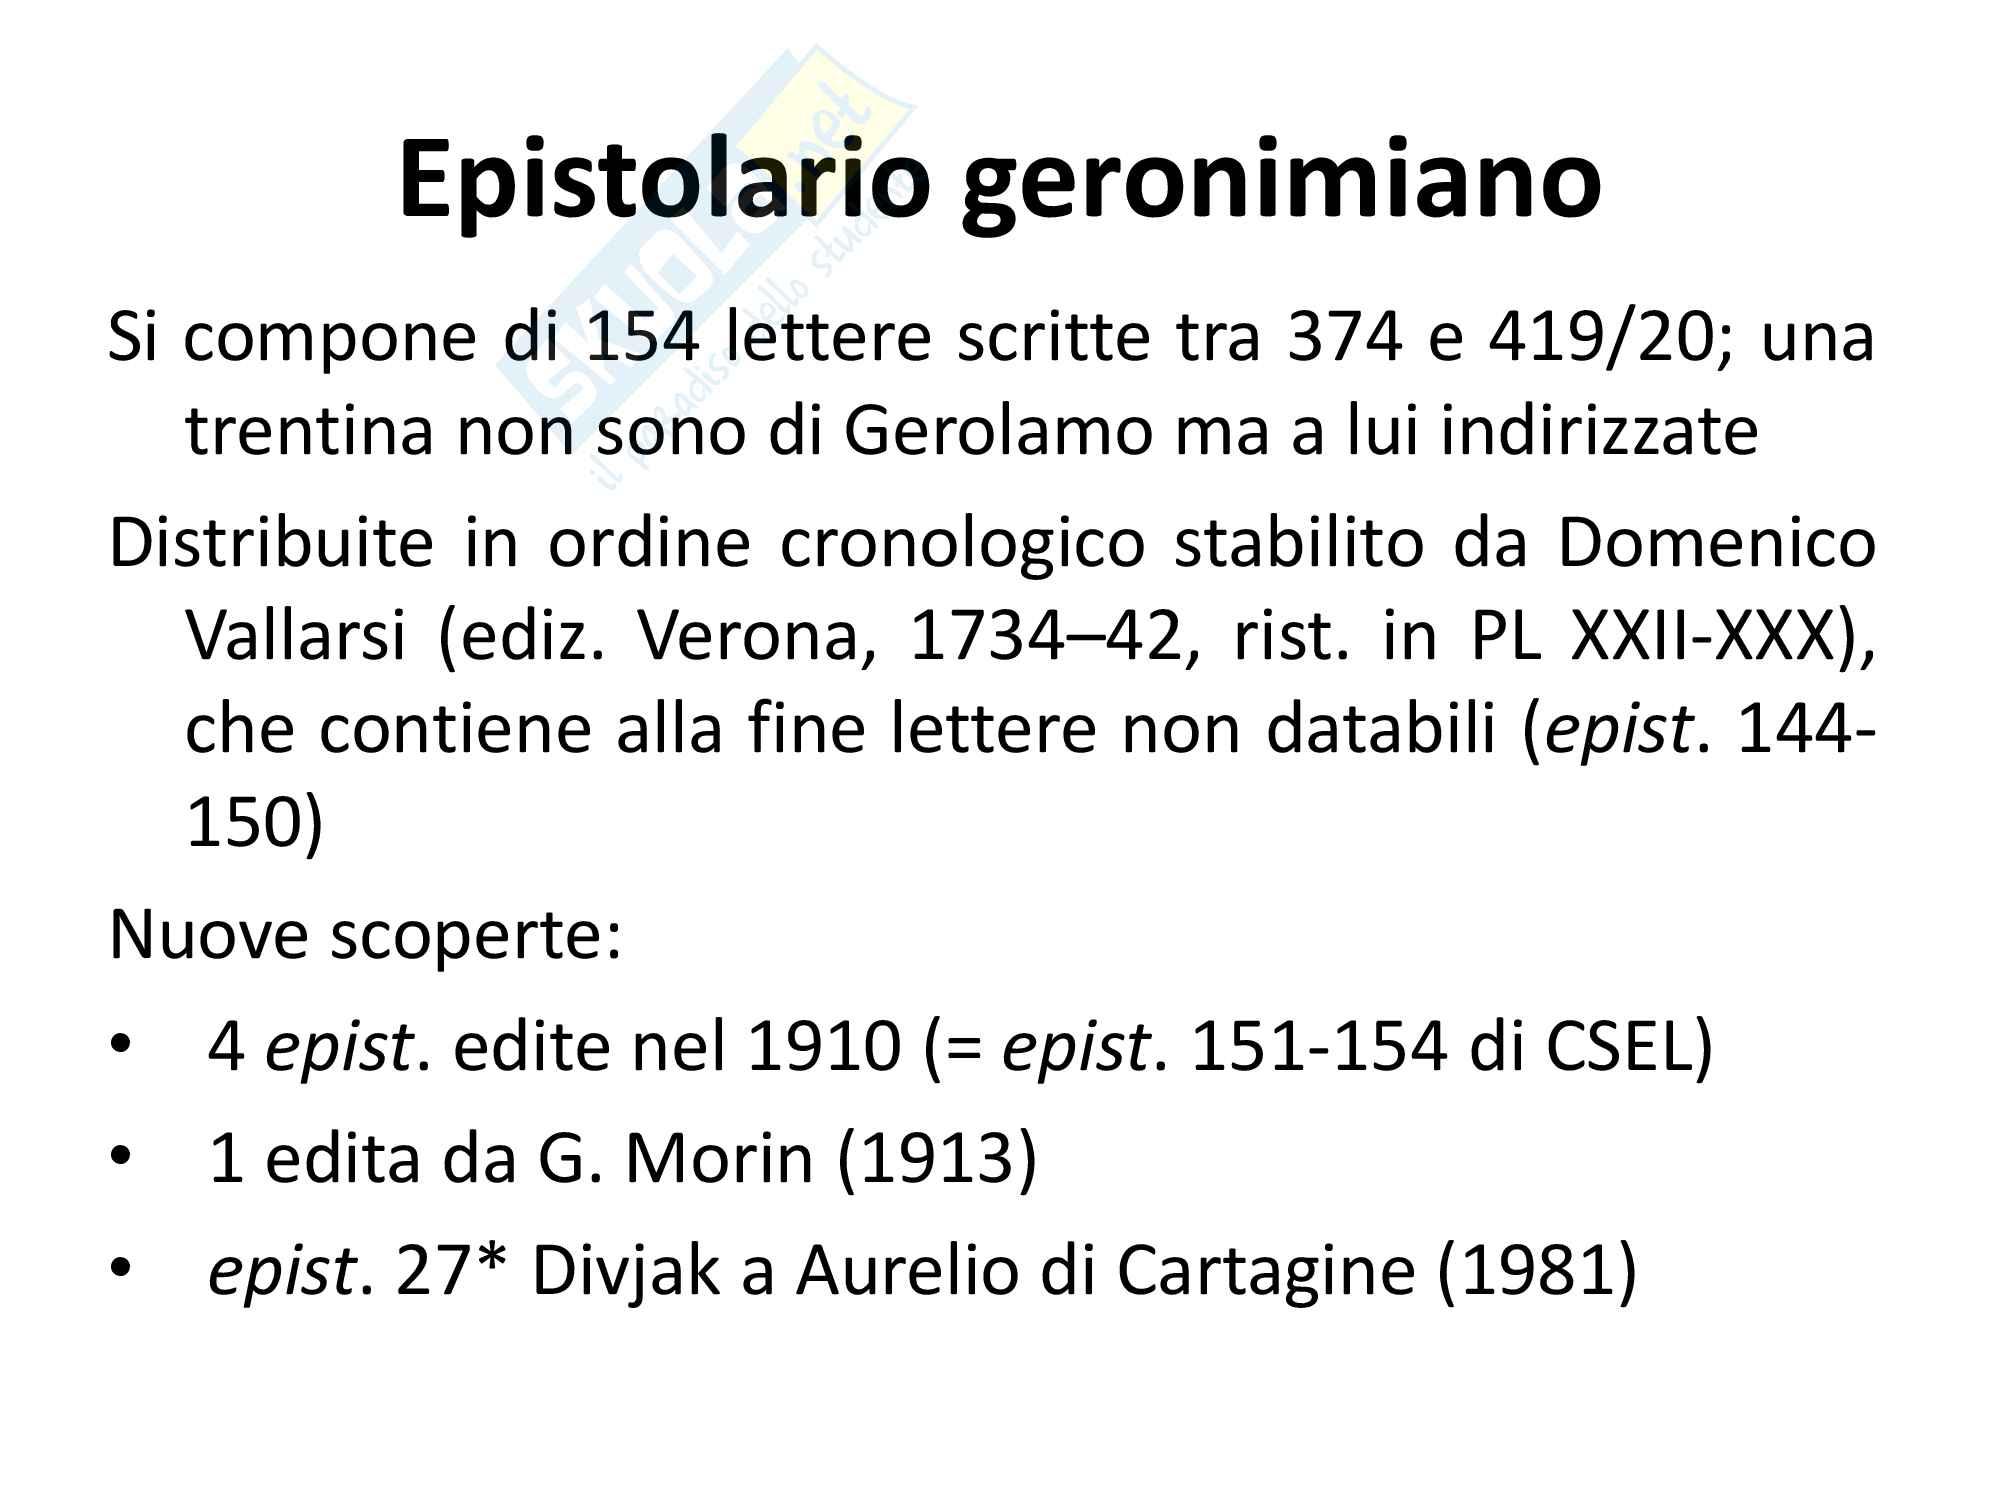 Epistolario San Gerolamo, lettera XXII ad Eustochio, Discorso sulla verginità, vita e filosofia.